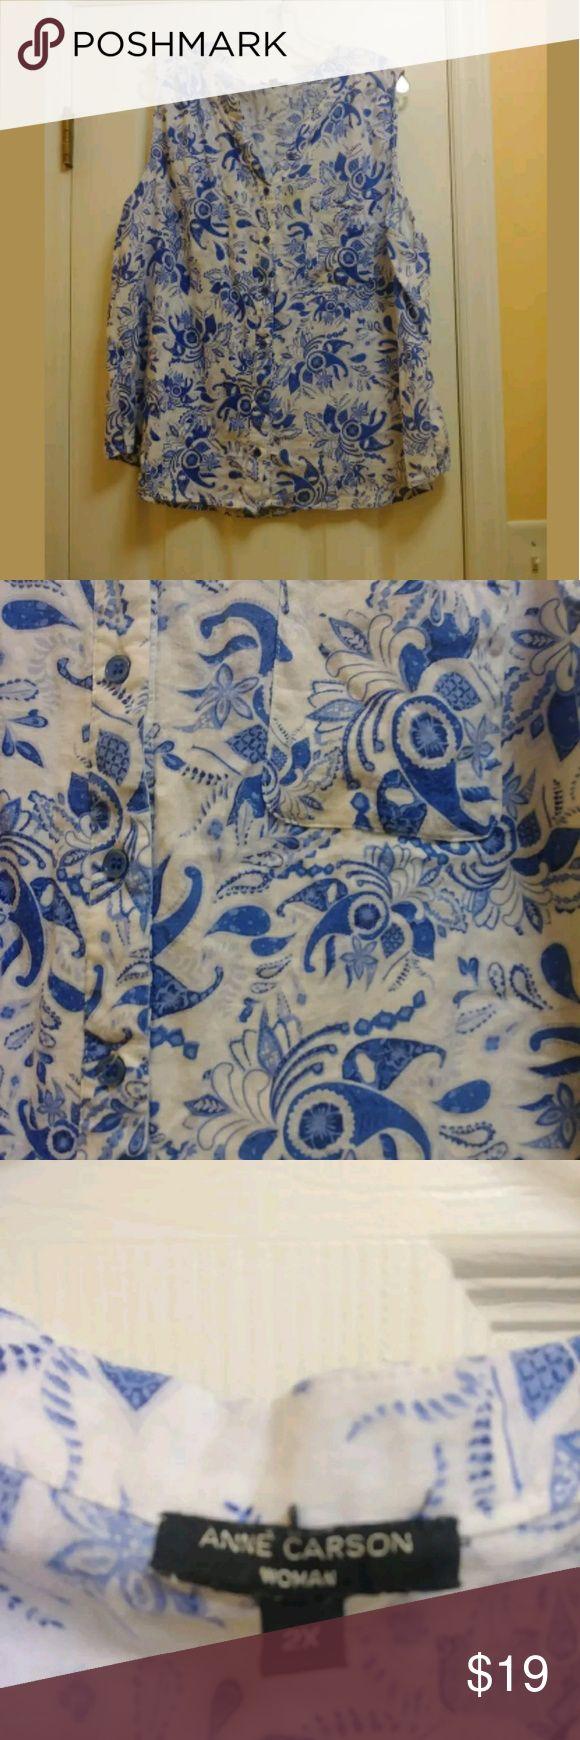 Ann Carson Womens Sleeveless Tank Blouse Sz 2X Ann Carson Womens Sleeveless Tank Blouse Sz 2X Plus Blue White HiLow Button Down  TAN Ann Carson Tops